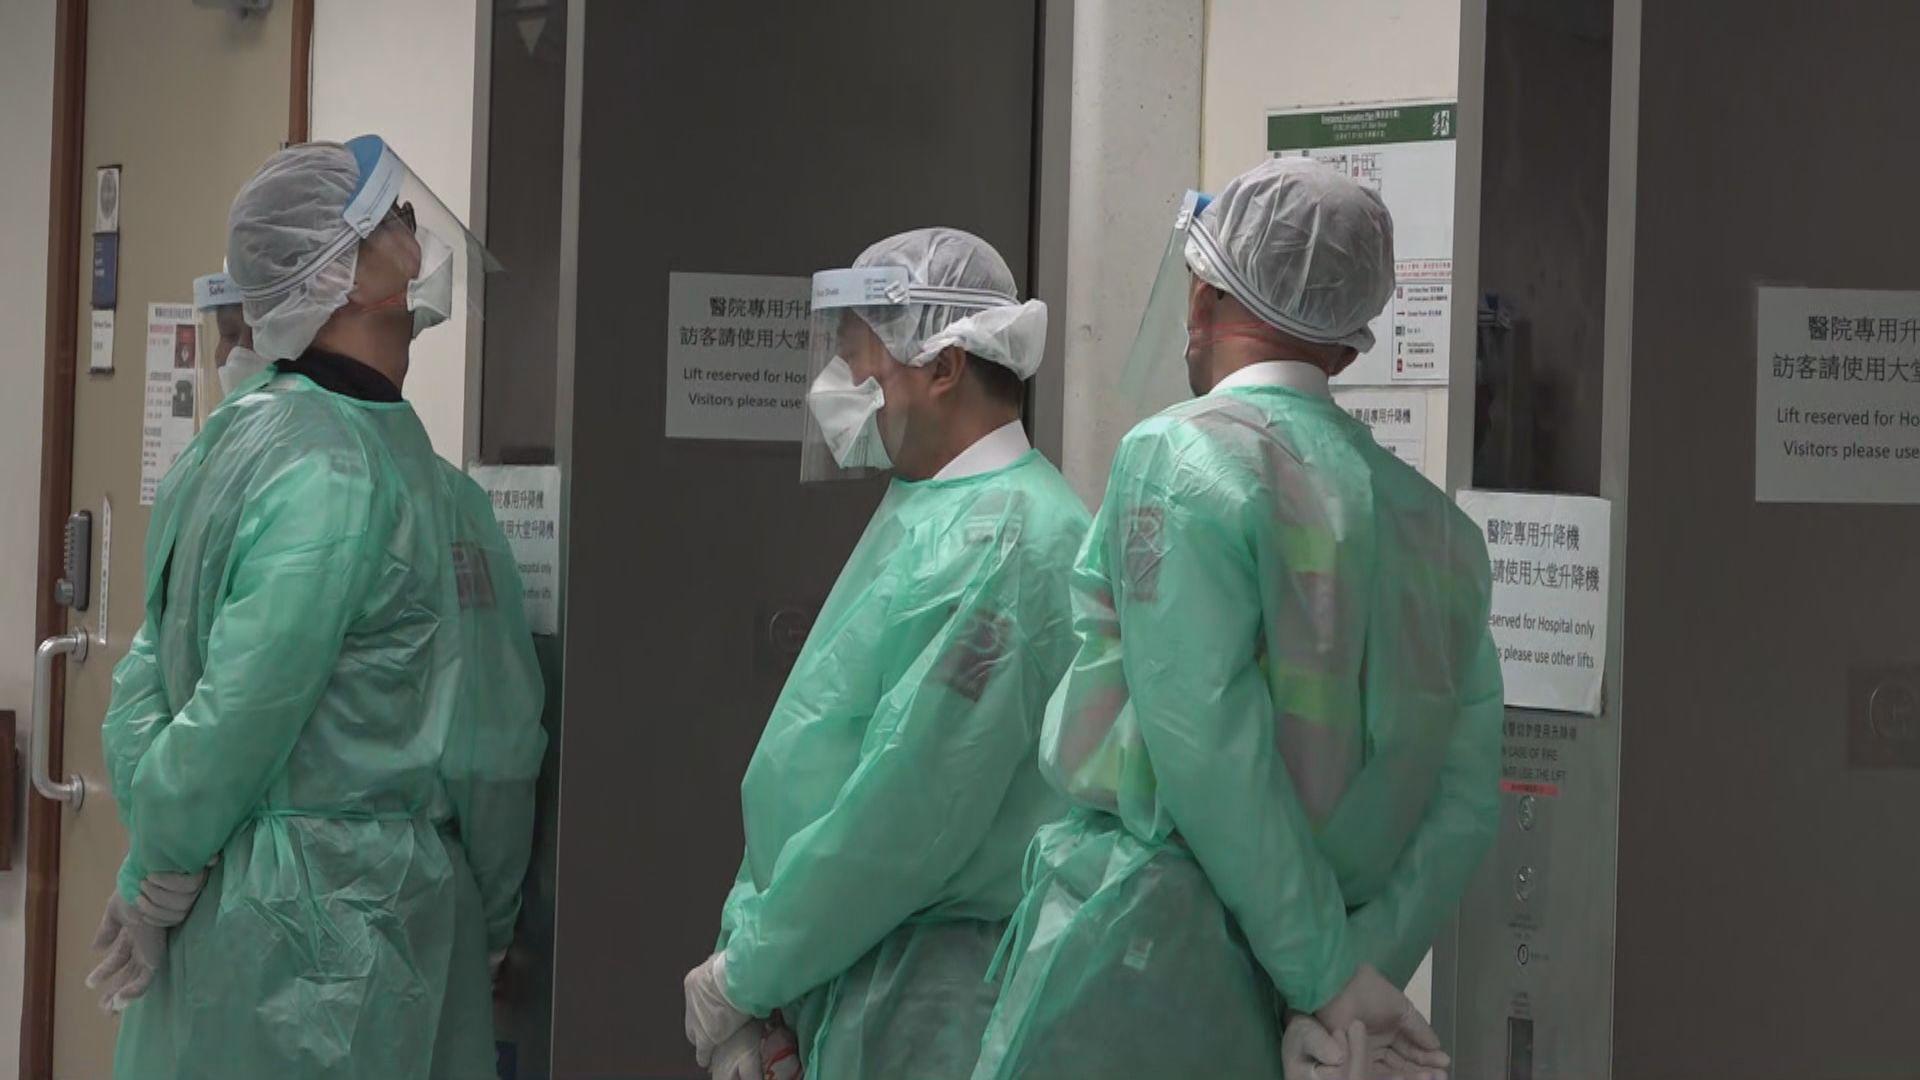 醫護獲捐裝備未必合規格 醫生工會盼訂指引容許自攜裝備